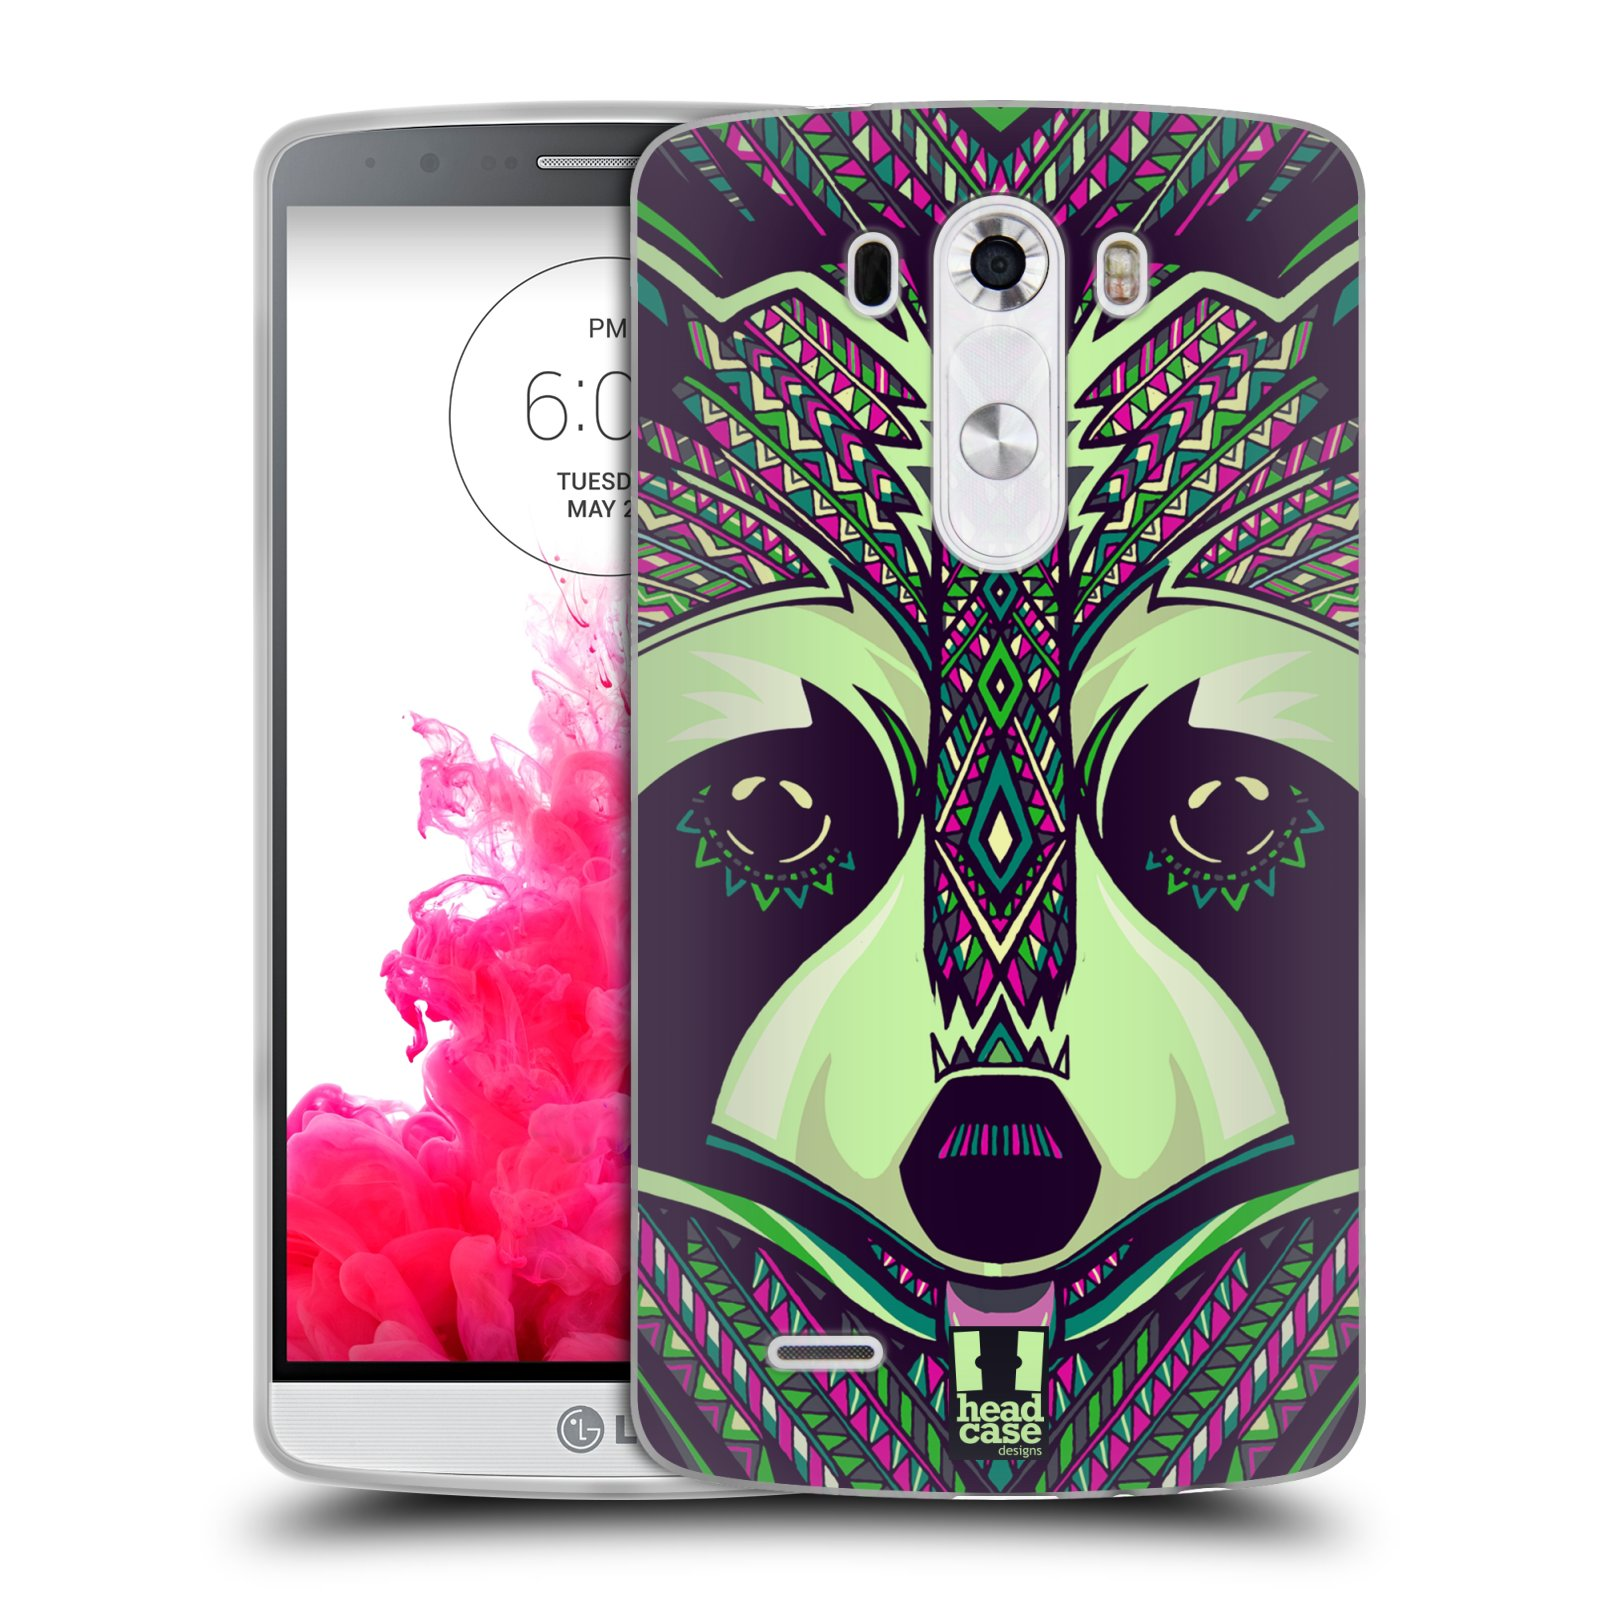 Silikonové pouzdro na mobil LG G3 HEAD CASE AZTEC MÝVAL (Silikonový kryt či obal na mobilní telefon LG G3 D855)